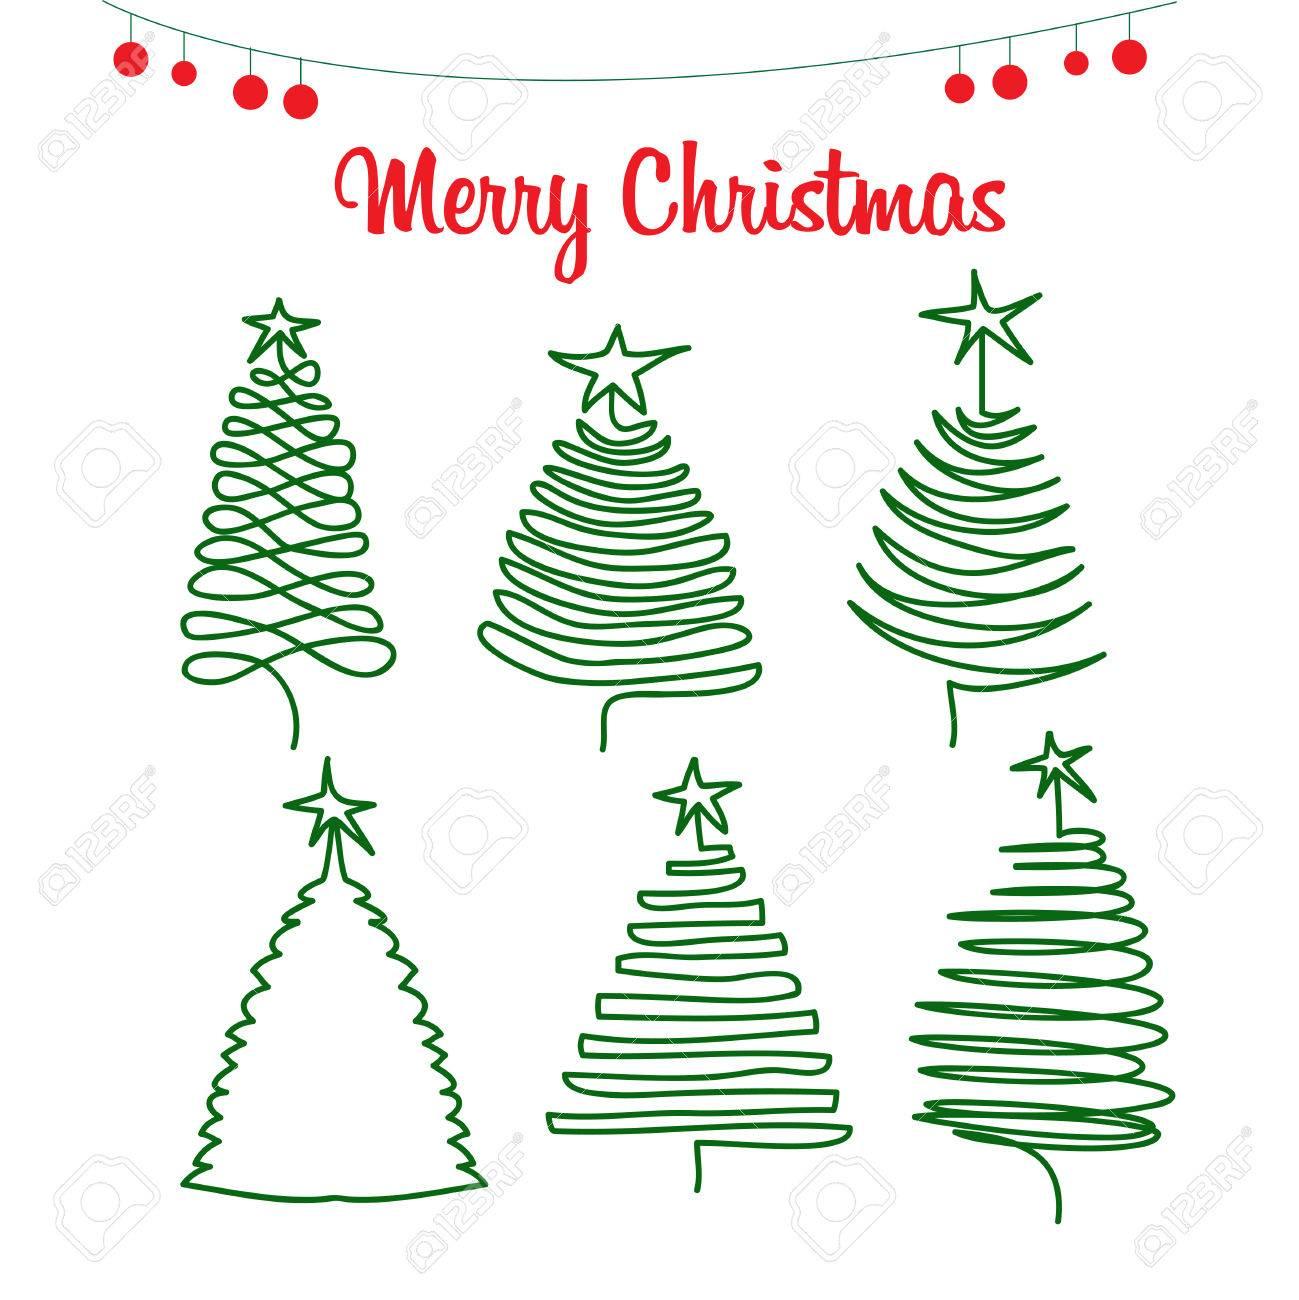 Rboles De Navidad árboles De Pino Dibujo A Mano En Estilo Doodle